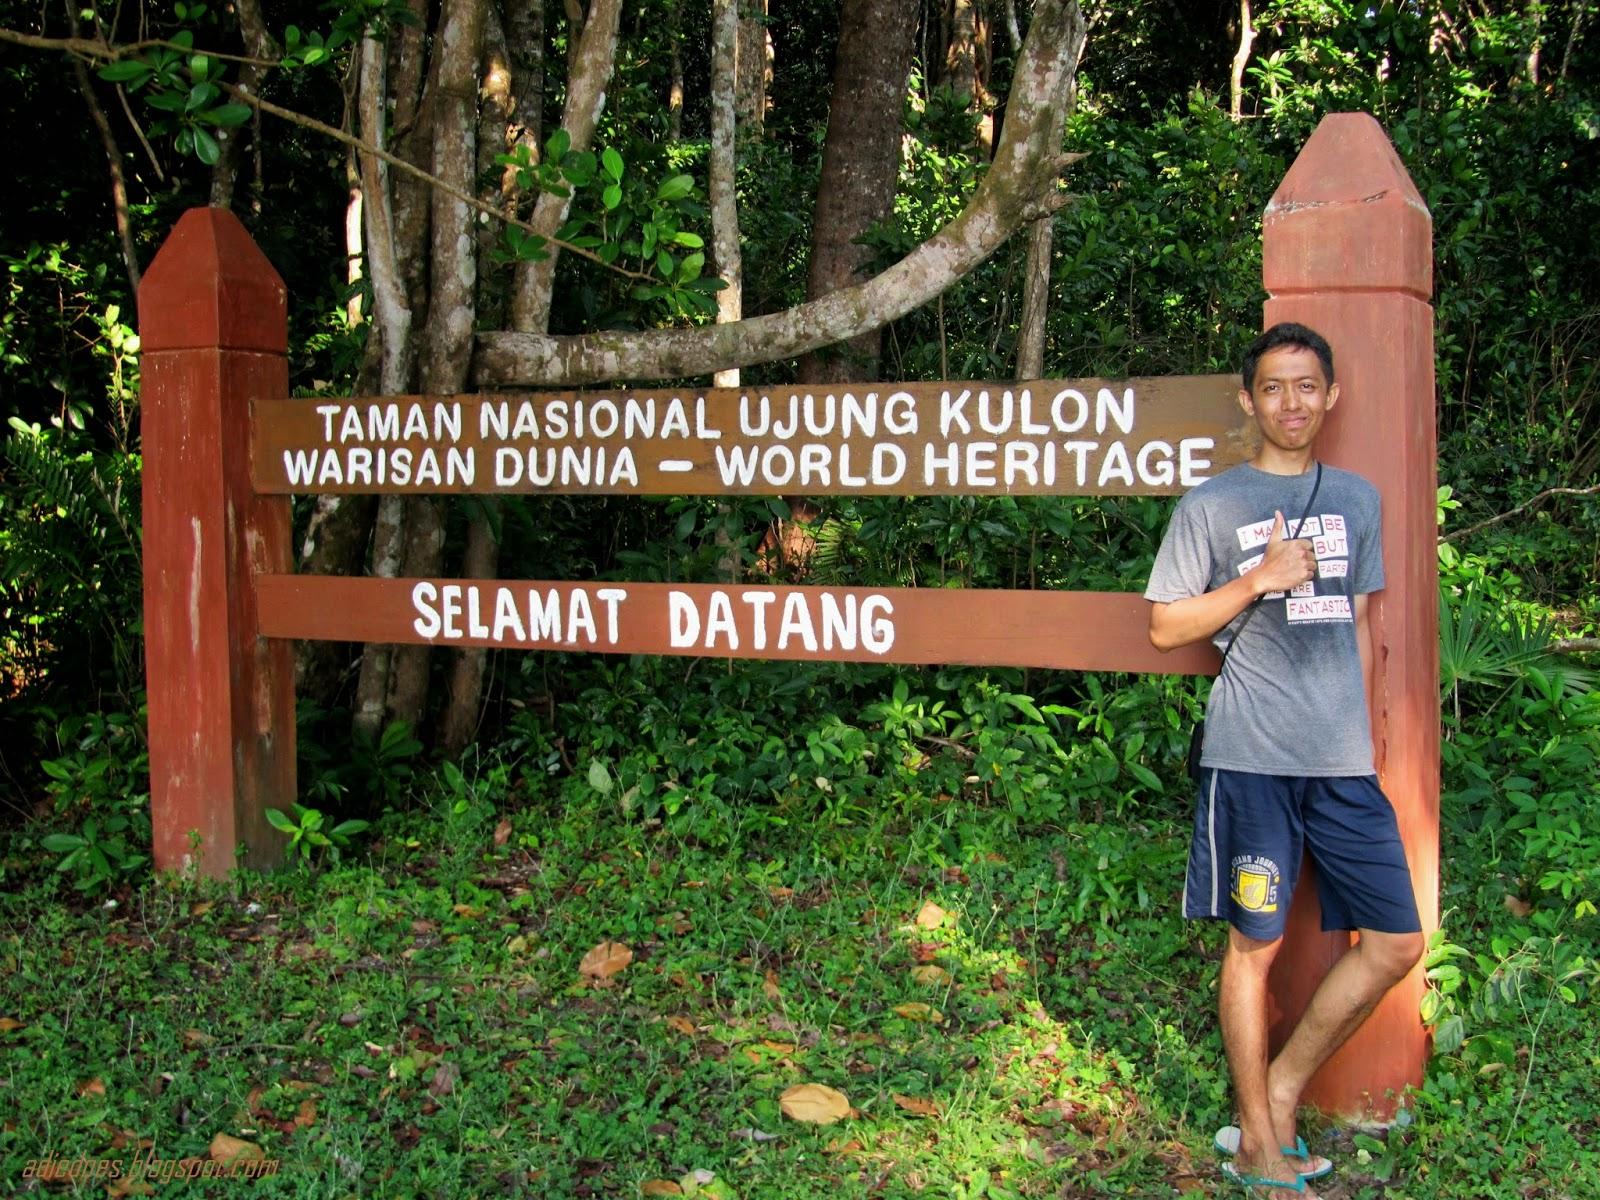 Adie Berburu Badak Jawa Ujung Kulon Selamat Datang Taman Nasional